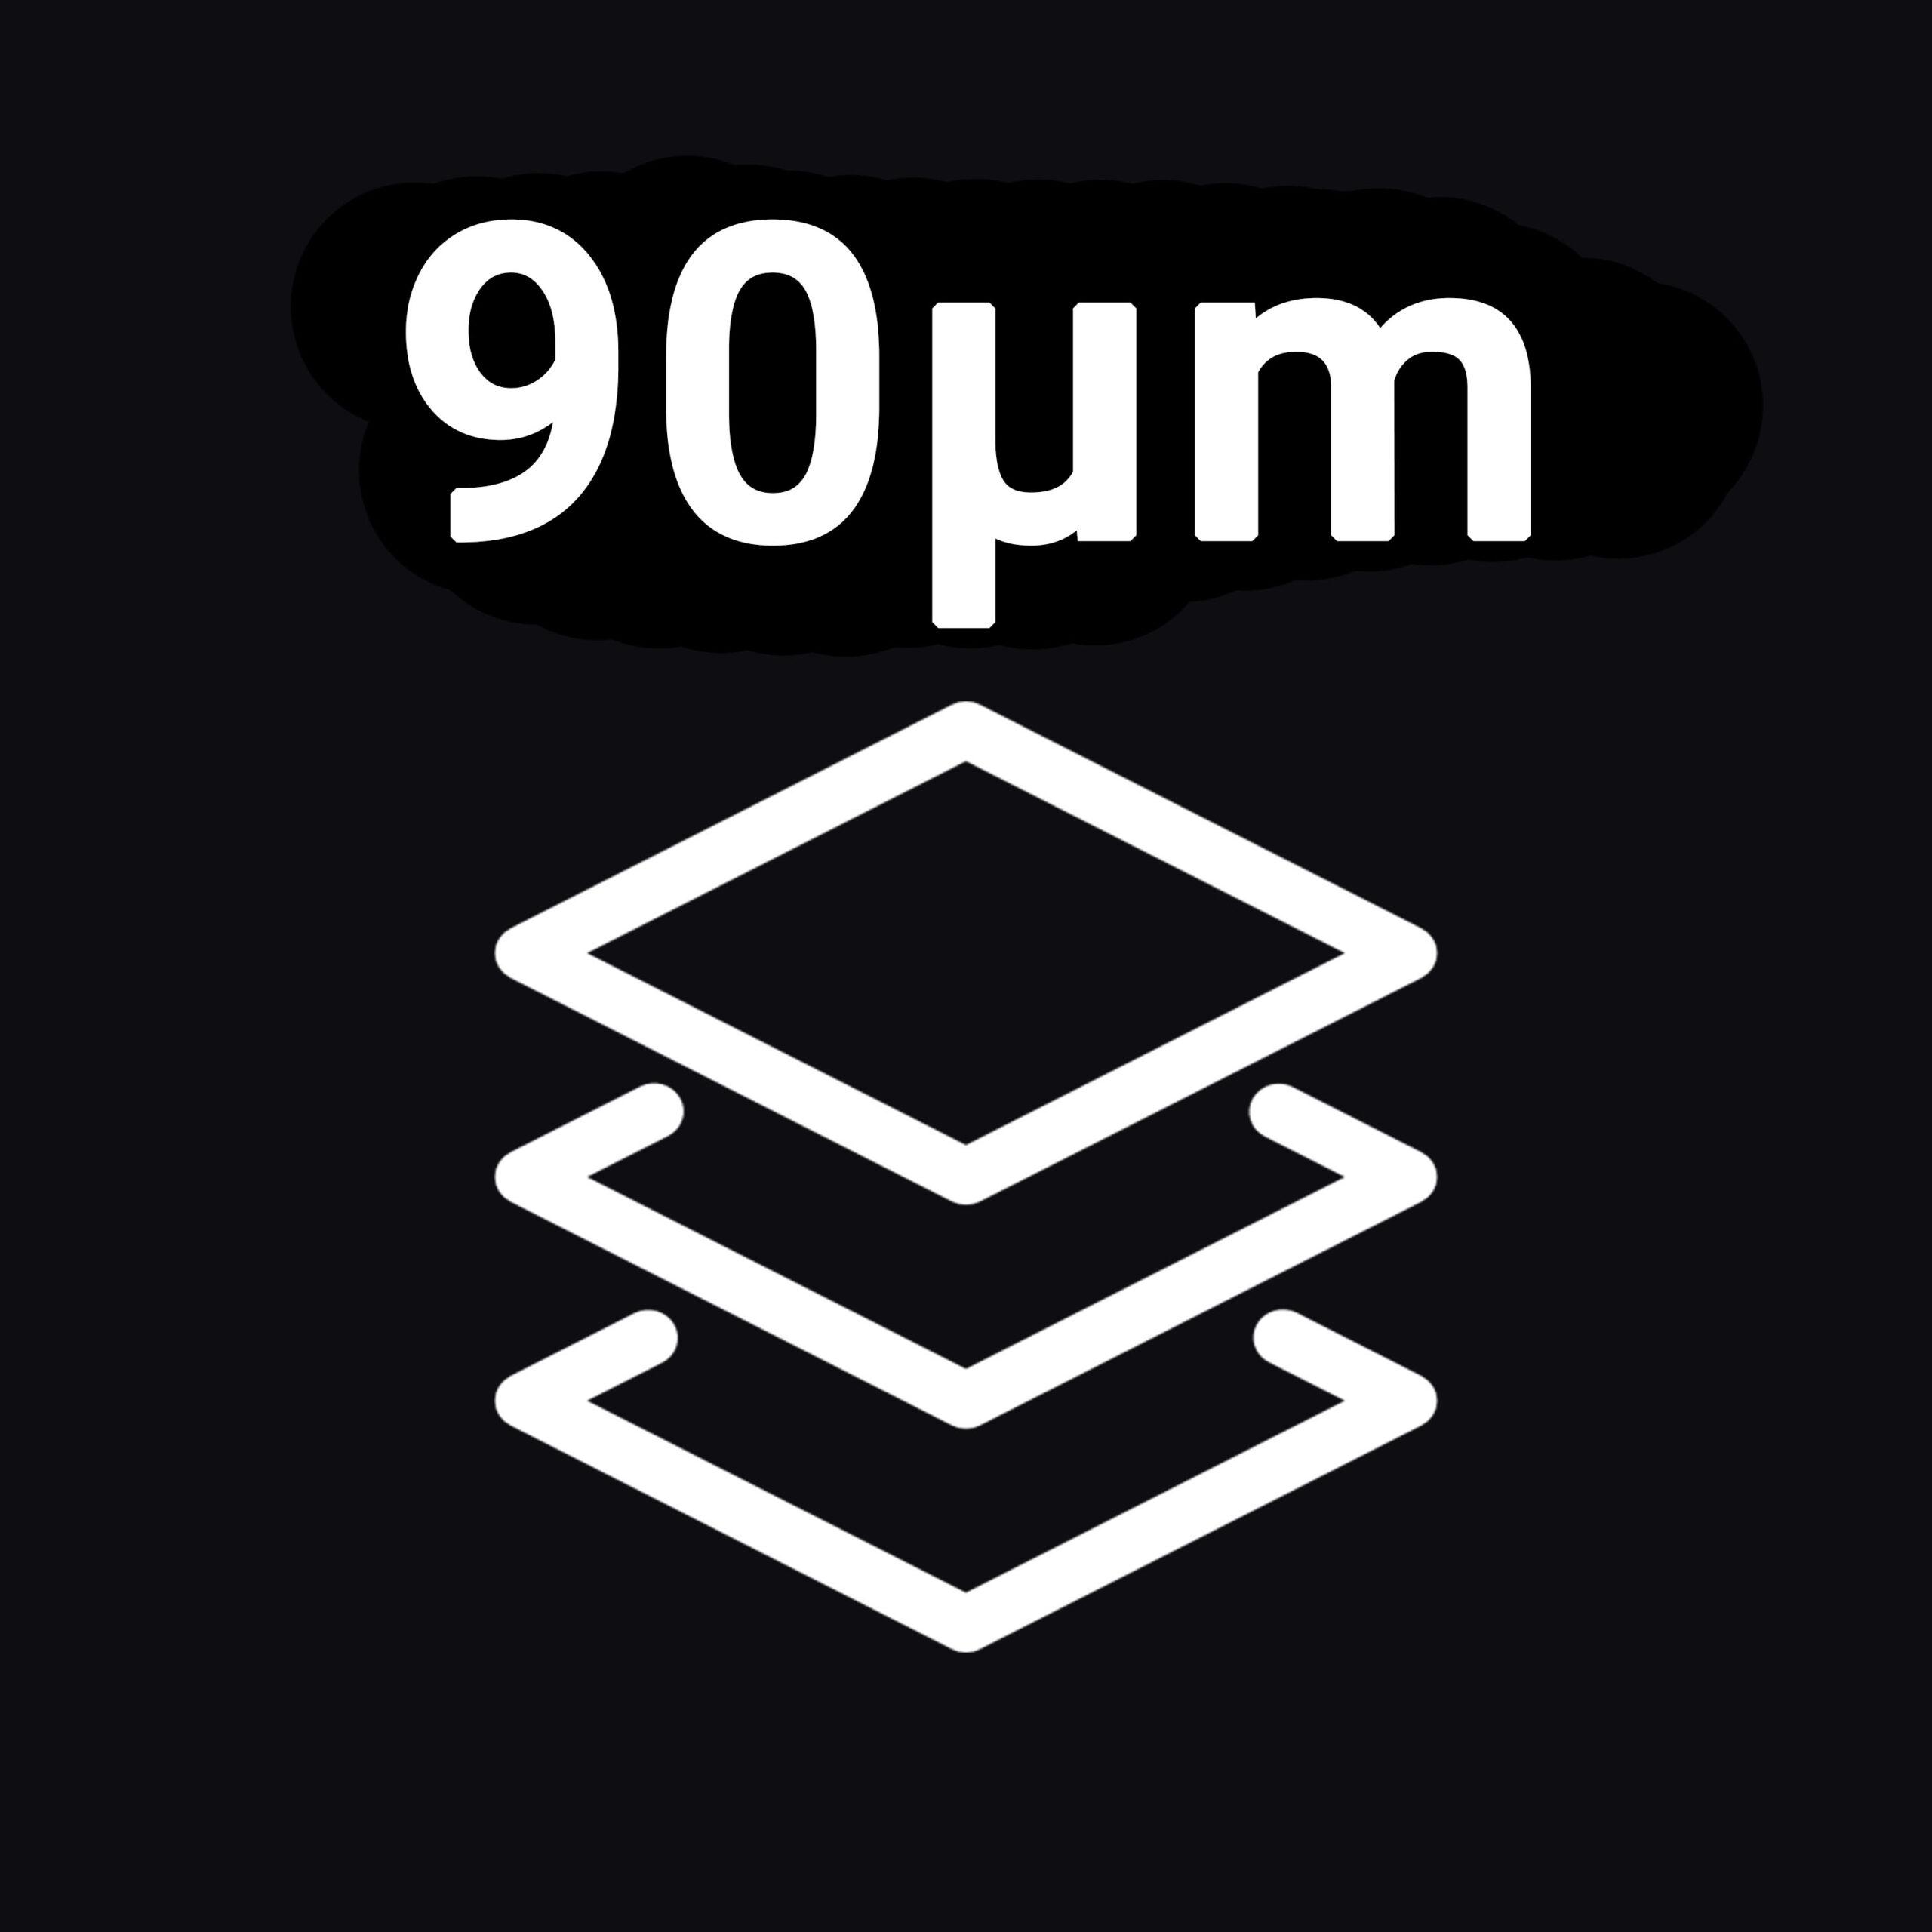 90%ce%bcm